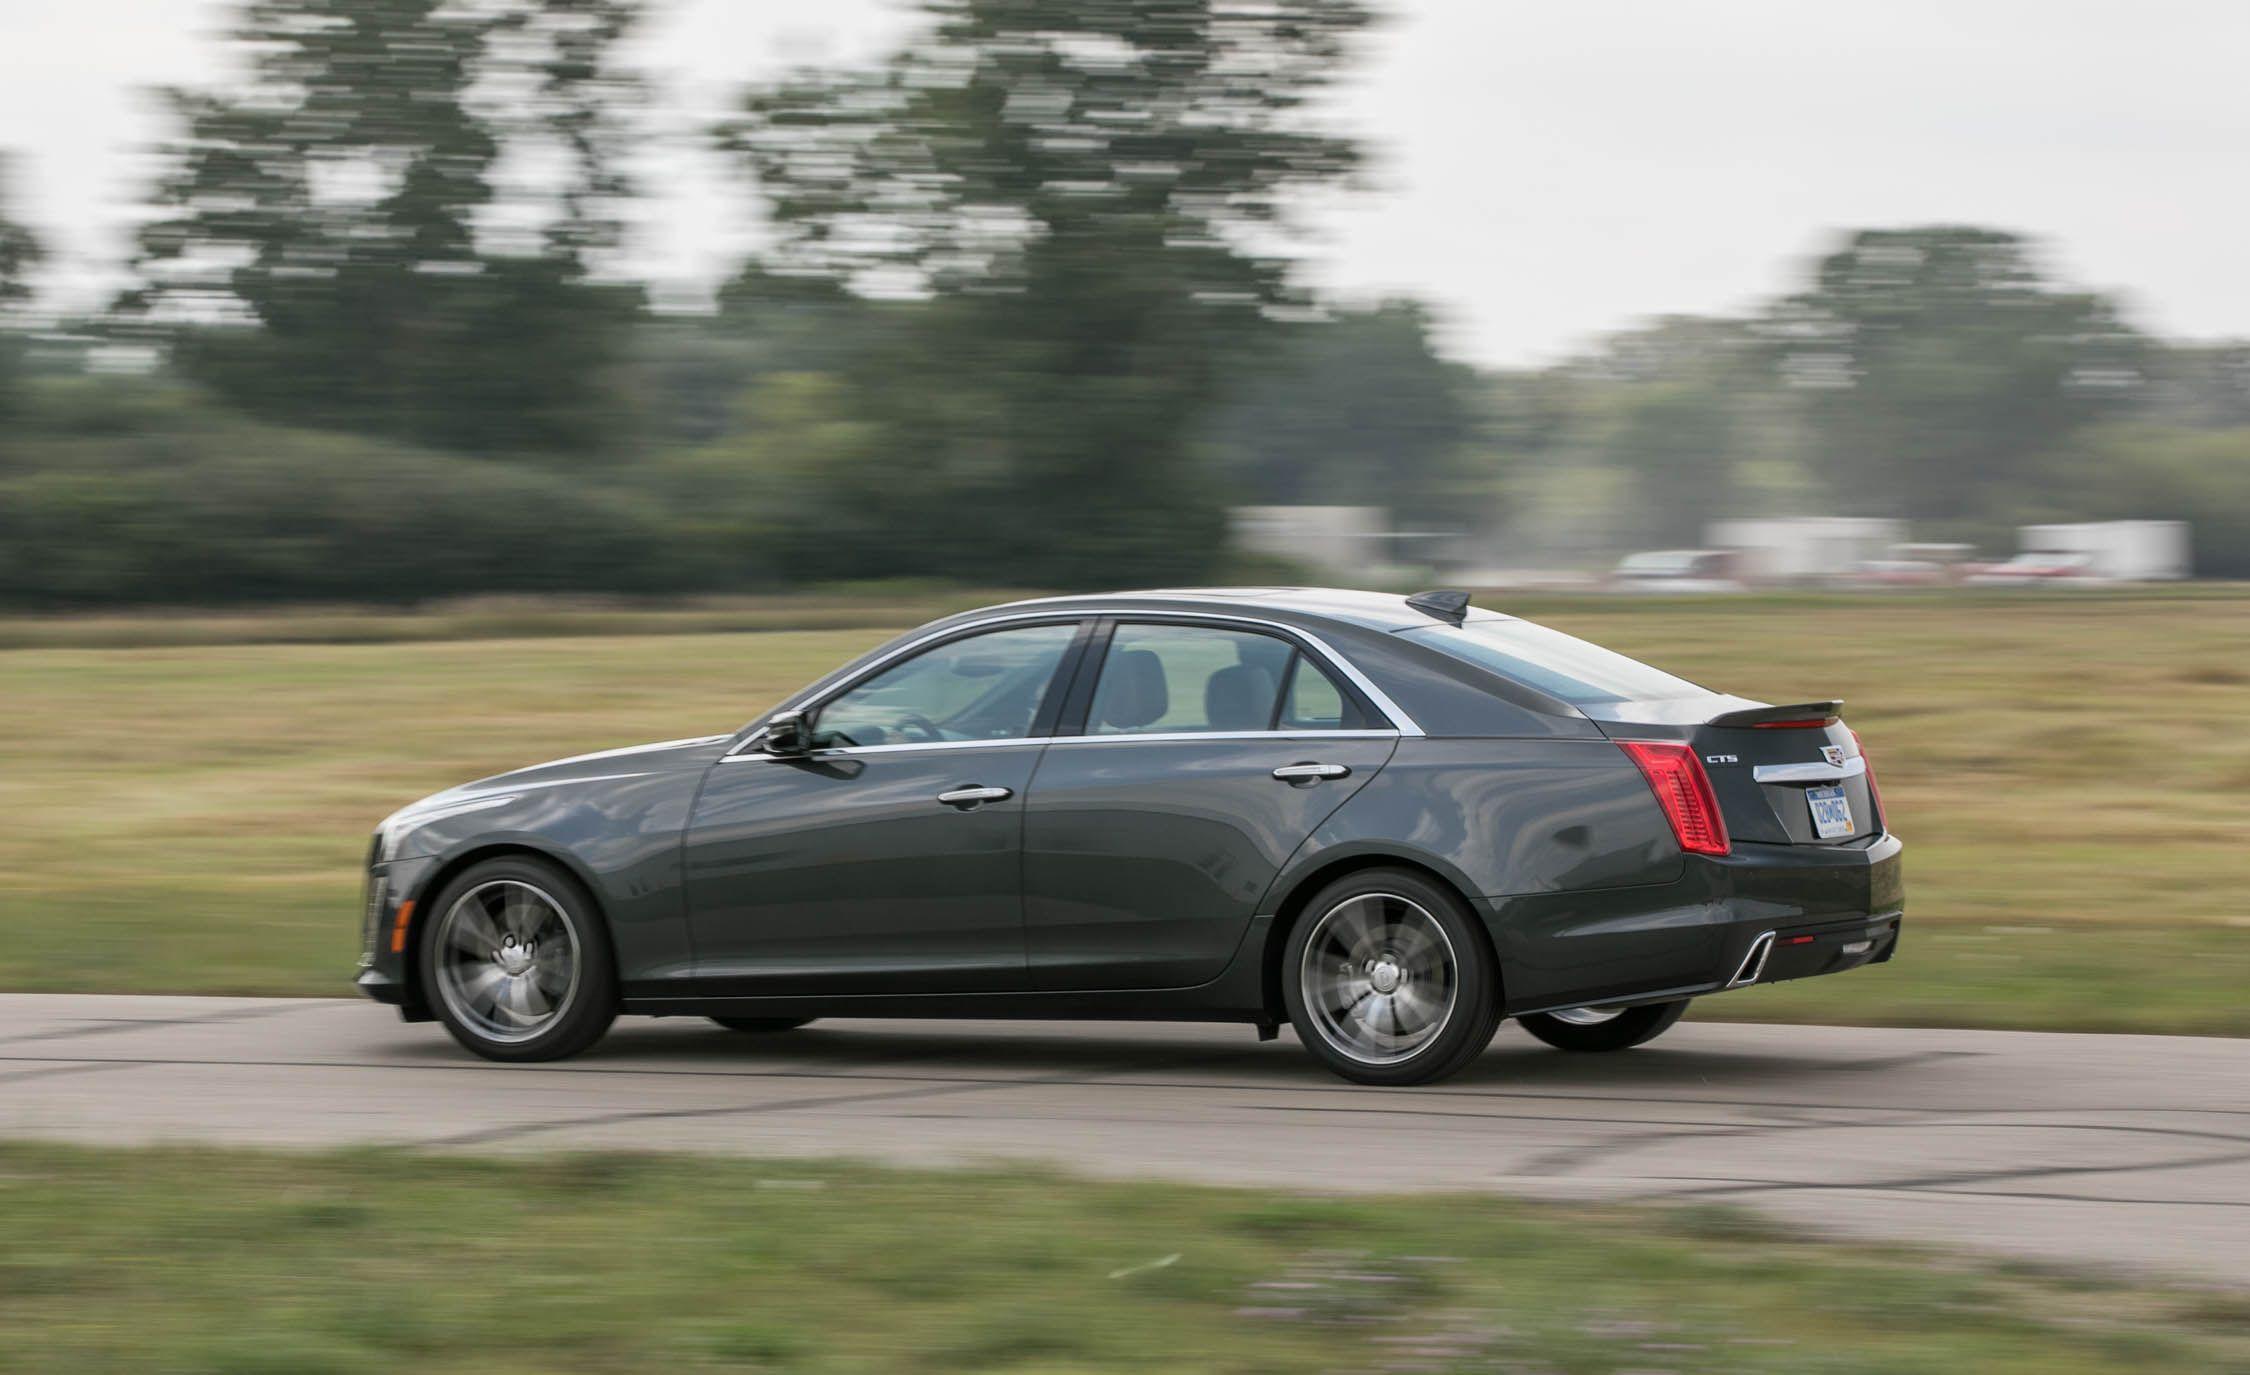 2018 Cadillac CTS Interior Review